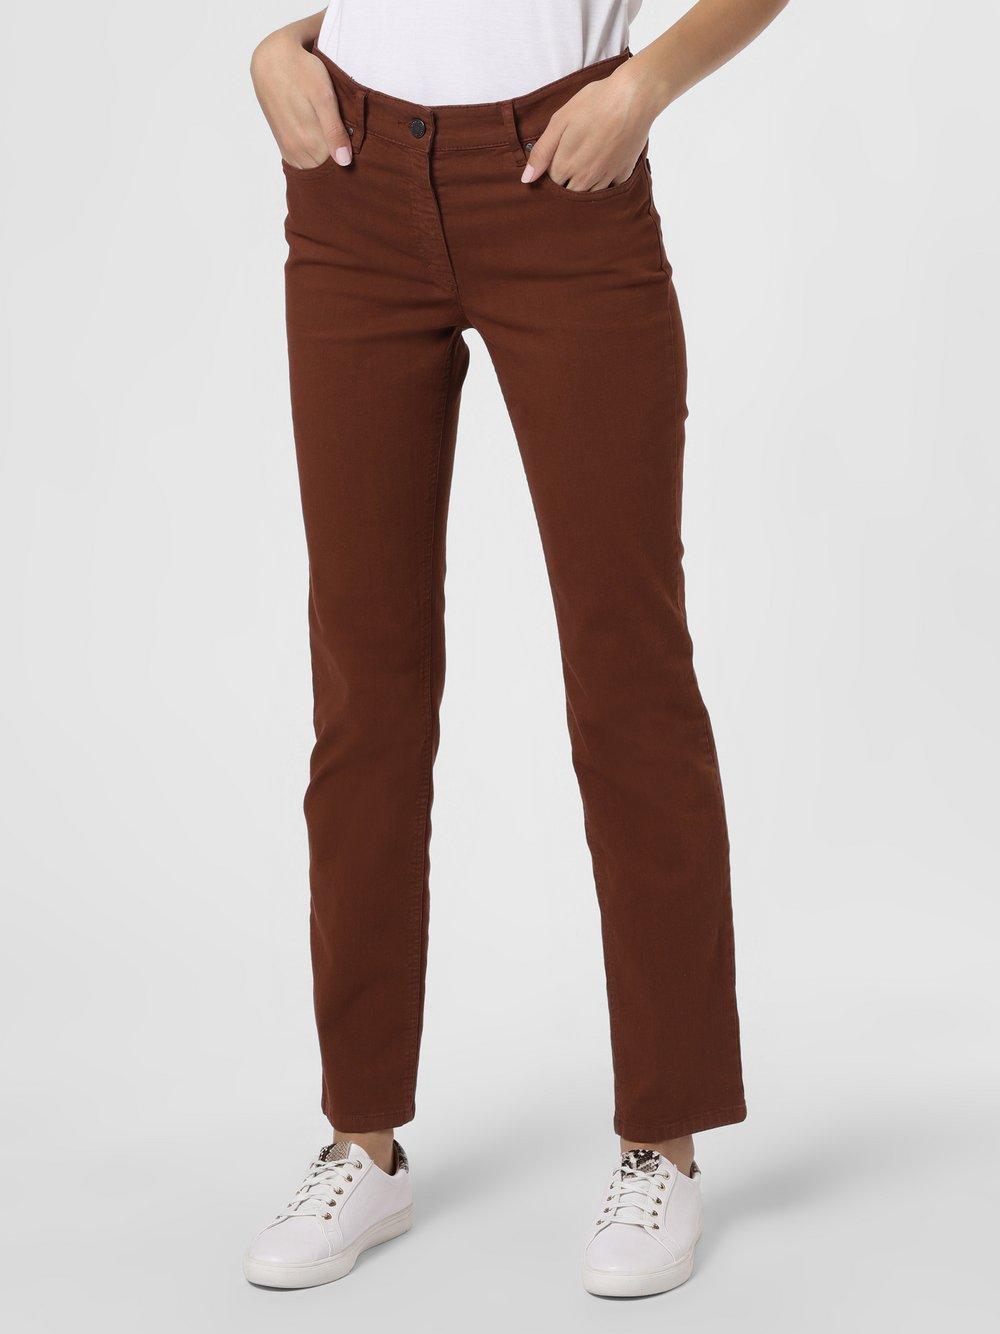 Zerres – Spodnie damskie – Cora, brązowy Van Graaf 257673-0011-00460